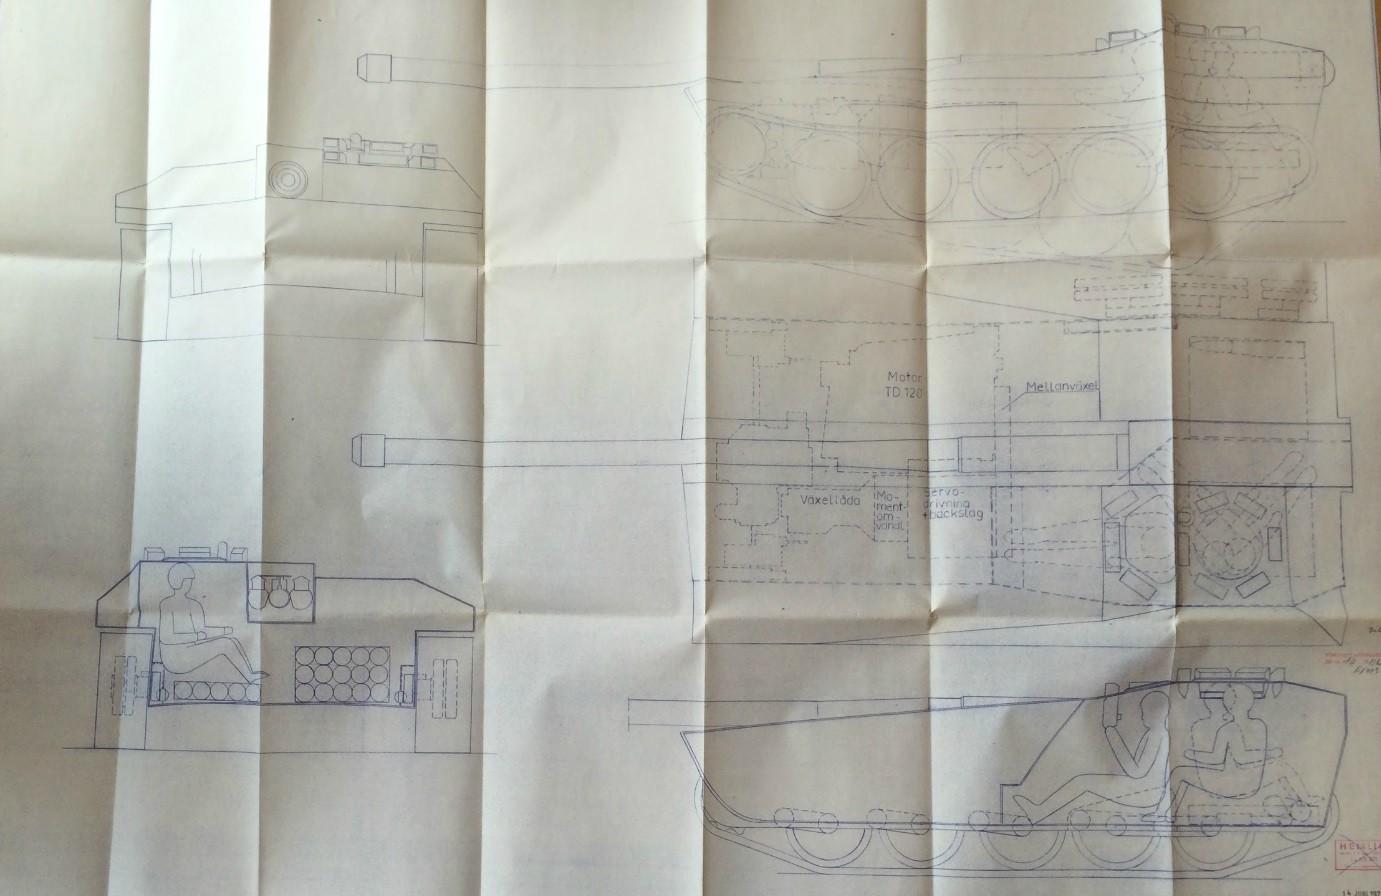 Objekt_2013A_blueprints.jpg